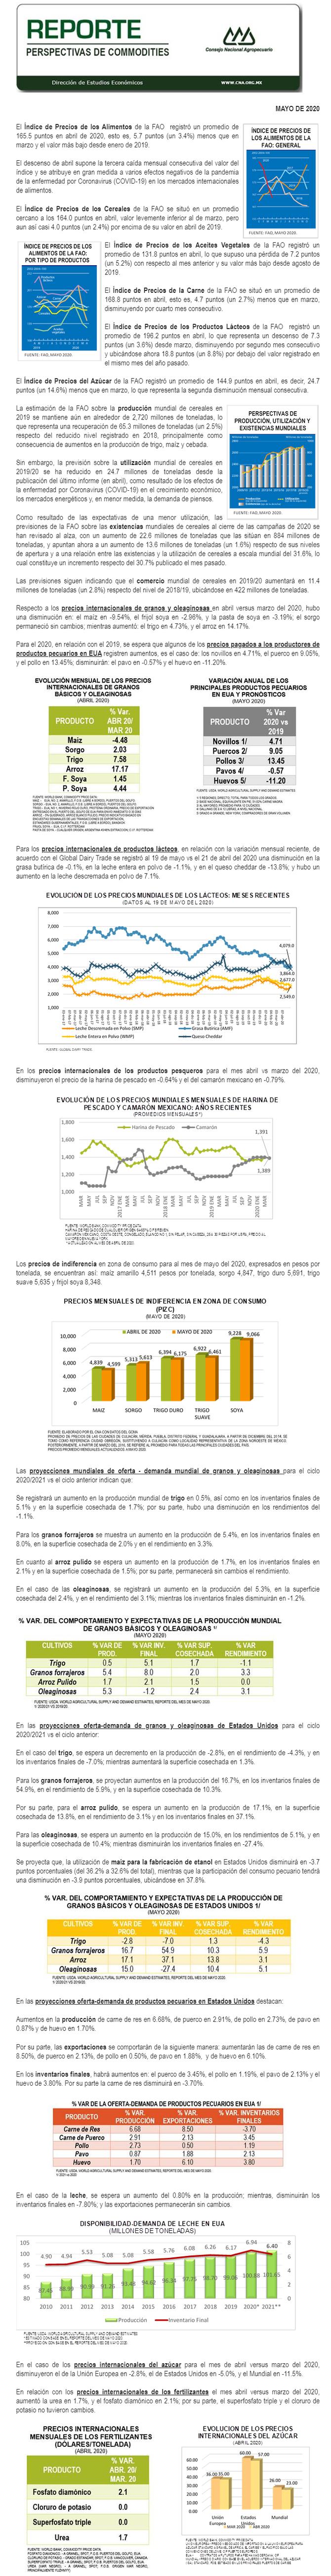 REPORTE DE PERSPECTIVAS DE COMMODITIES DE MAYO DE 2020.